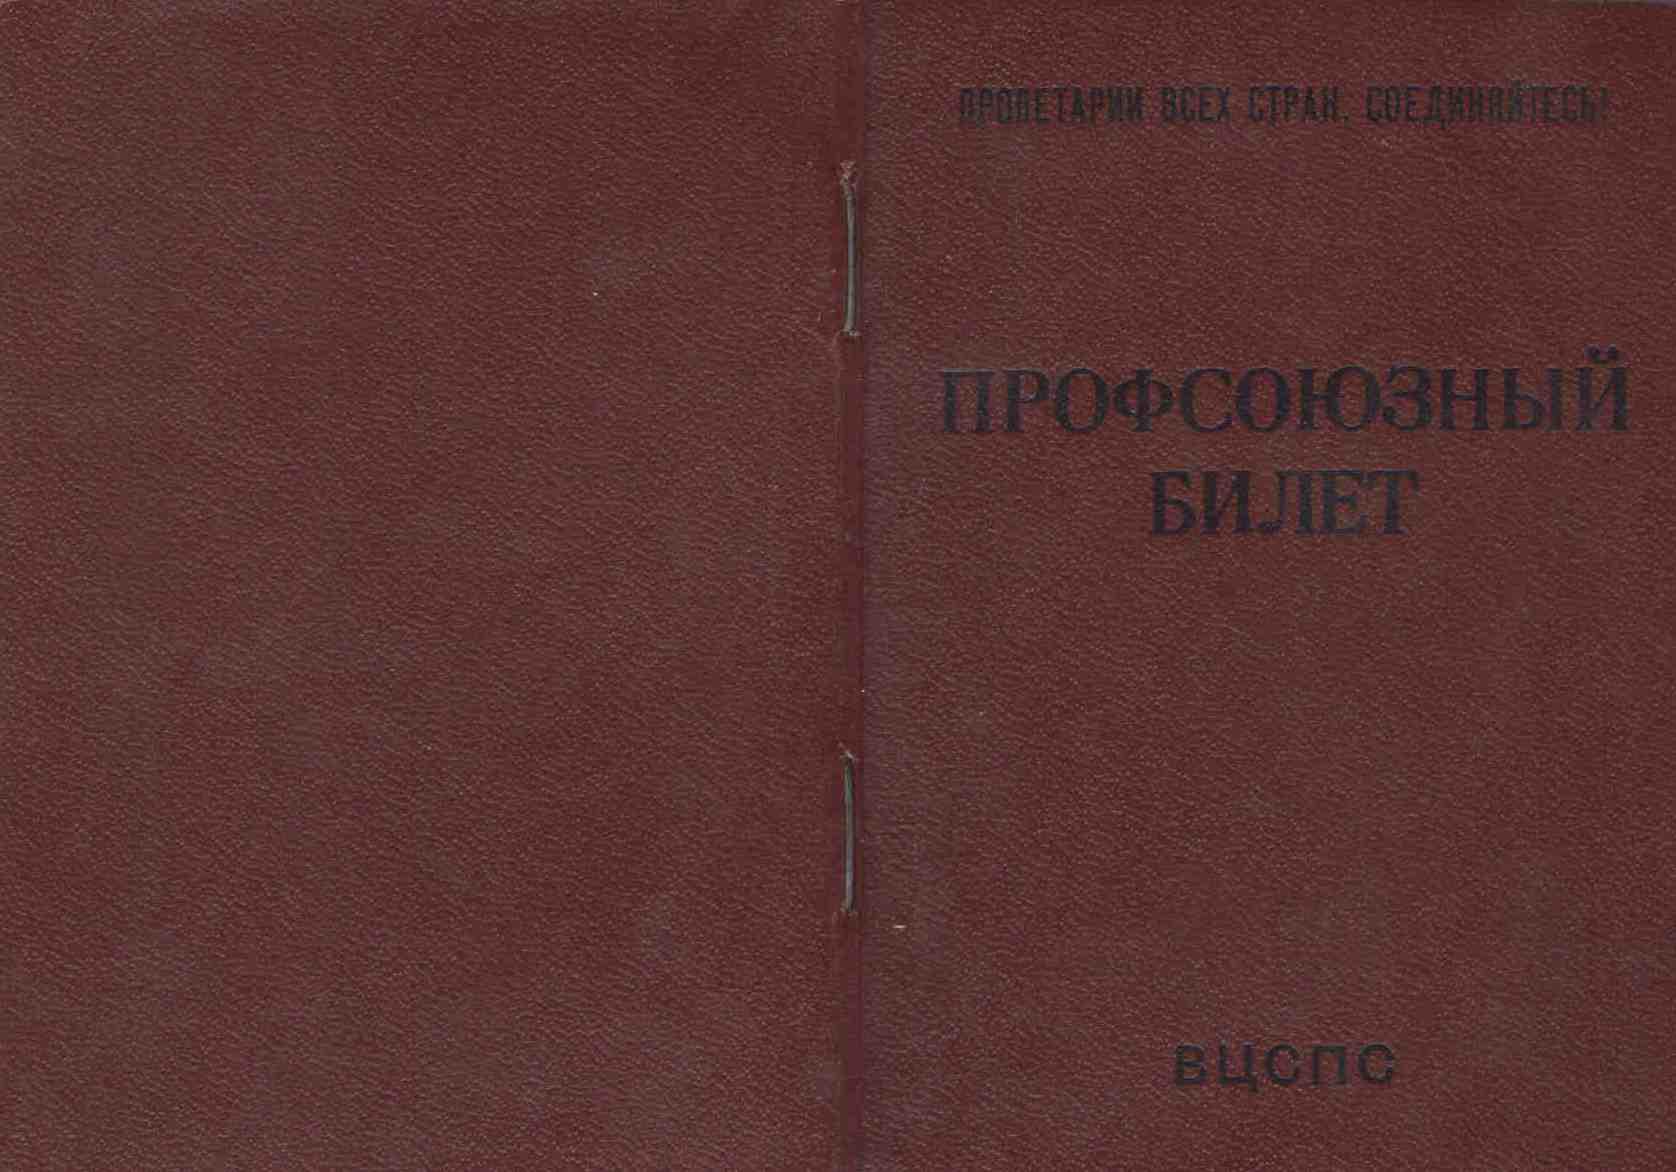 117. Профсоюзный билет, Барыкин ПП, 1987